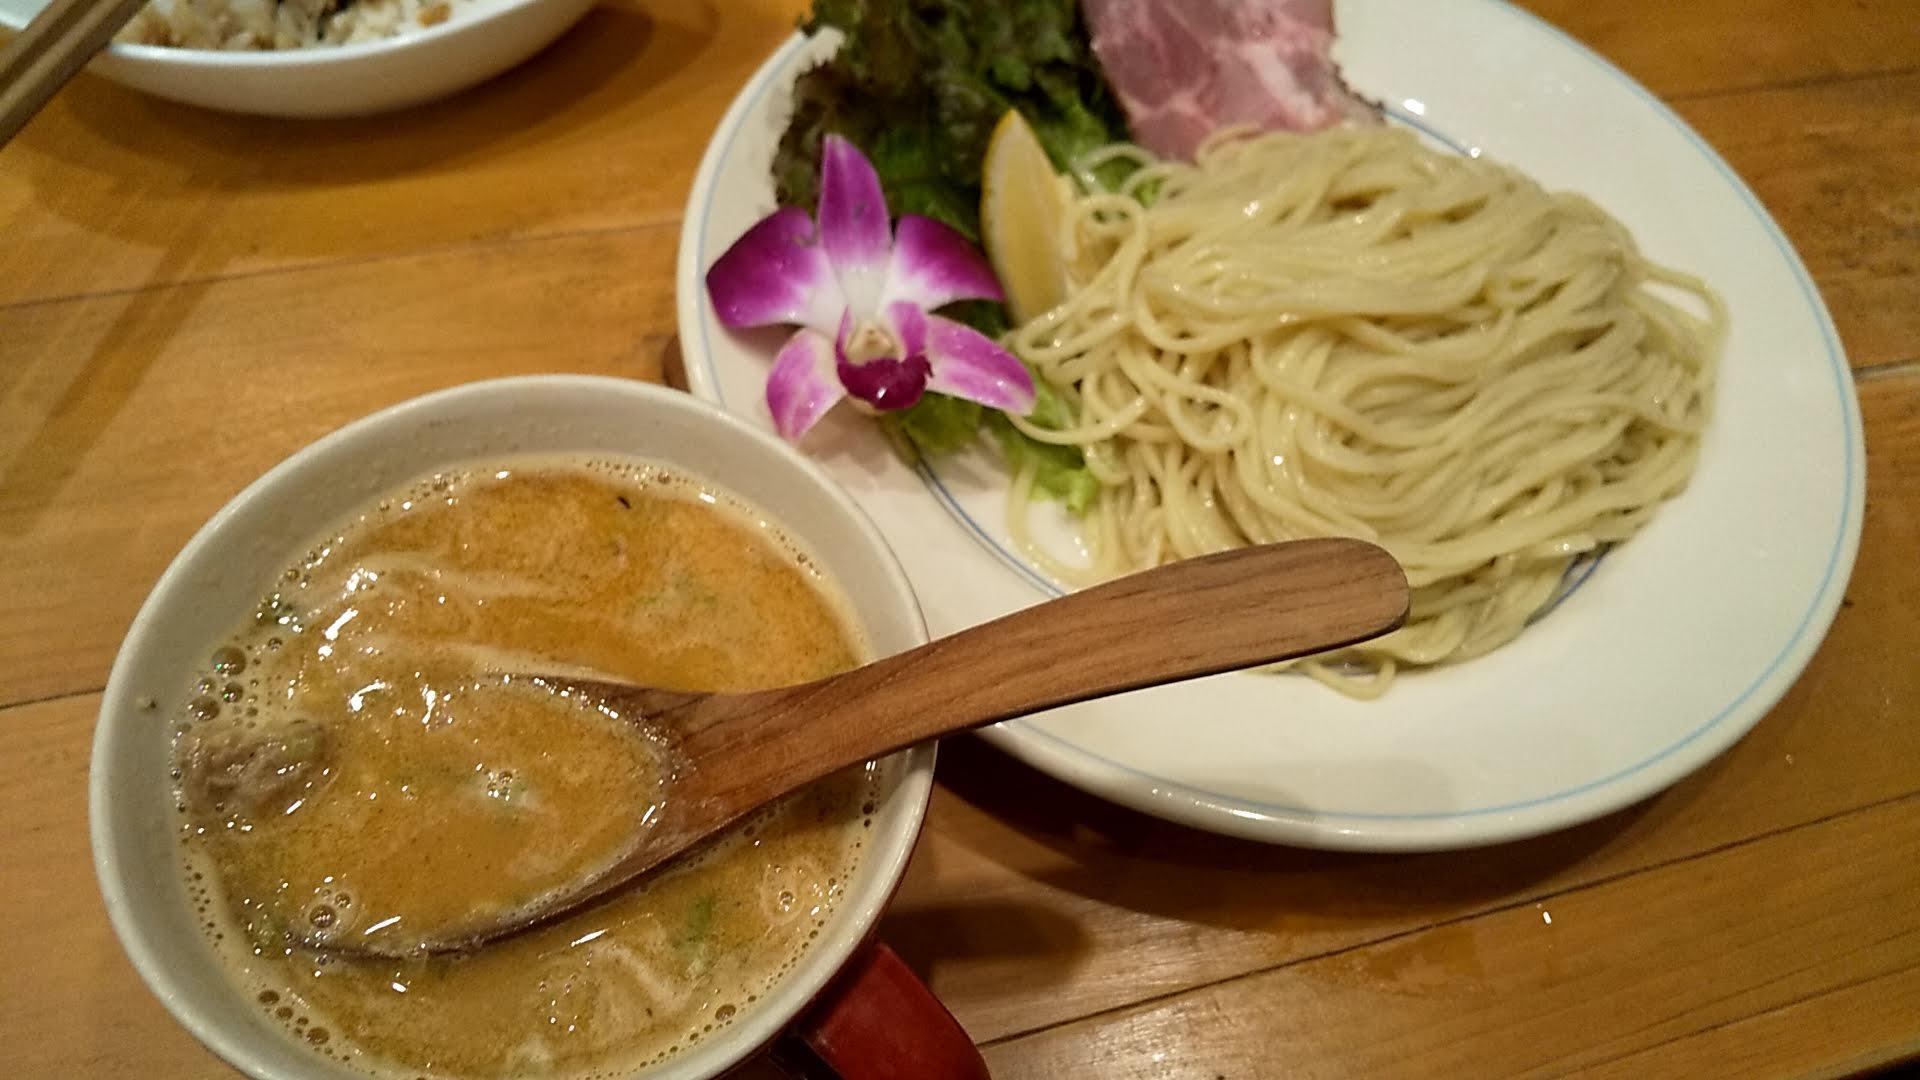 Hulu-luのつけ麺